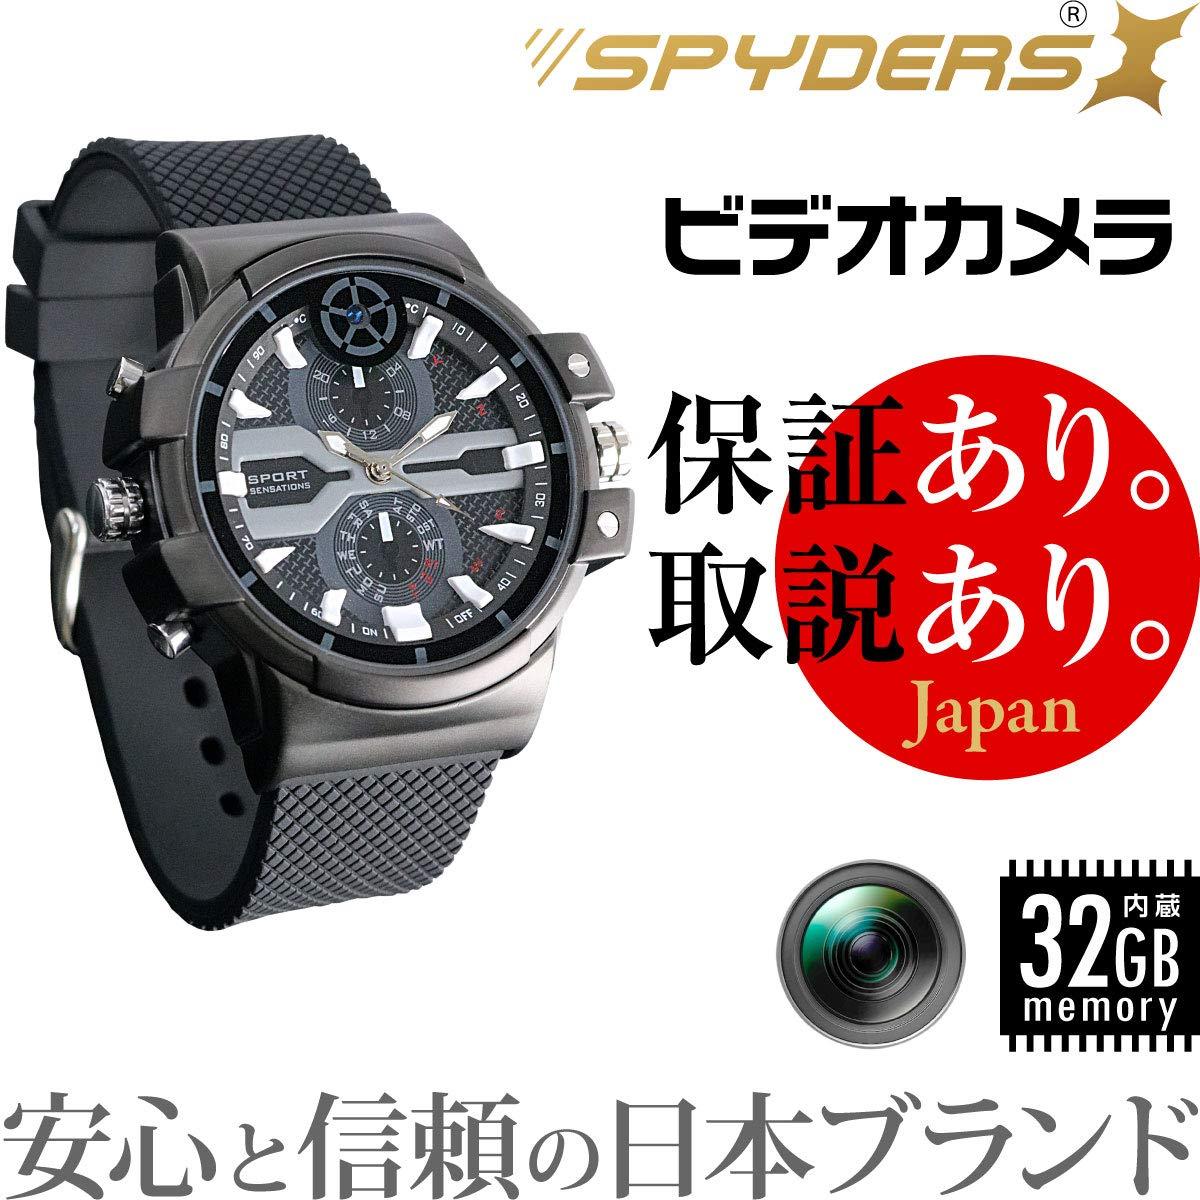 スパイダーズX 腕時計型カメラ (W-707) 小型カメラ スパイカメラ スパイダーズX (W-707) B072QYHBZC B072QYHBZC, タタス ファミリーモール:4067c799 --- krianta.ru